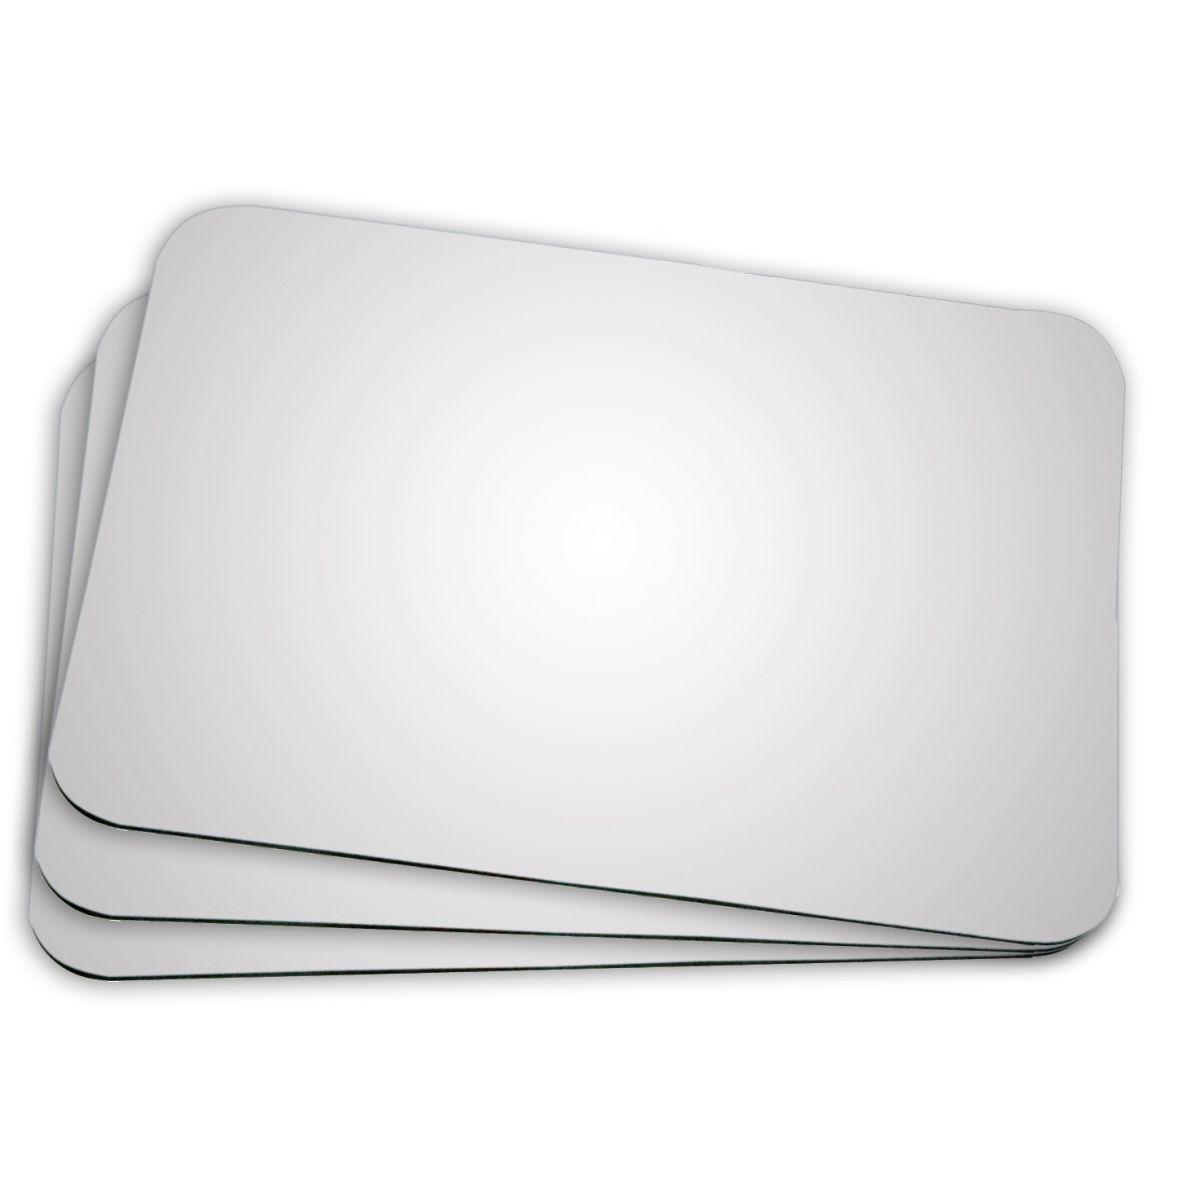 Mouse Pad Branco em Neoprene Para Sublimação Retangular 24 X 19  - ALFANETI COMERCIO DE MIDIAS E SUBLIMAÇÃO LTDA-ME